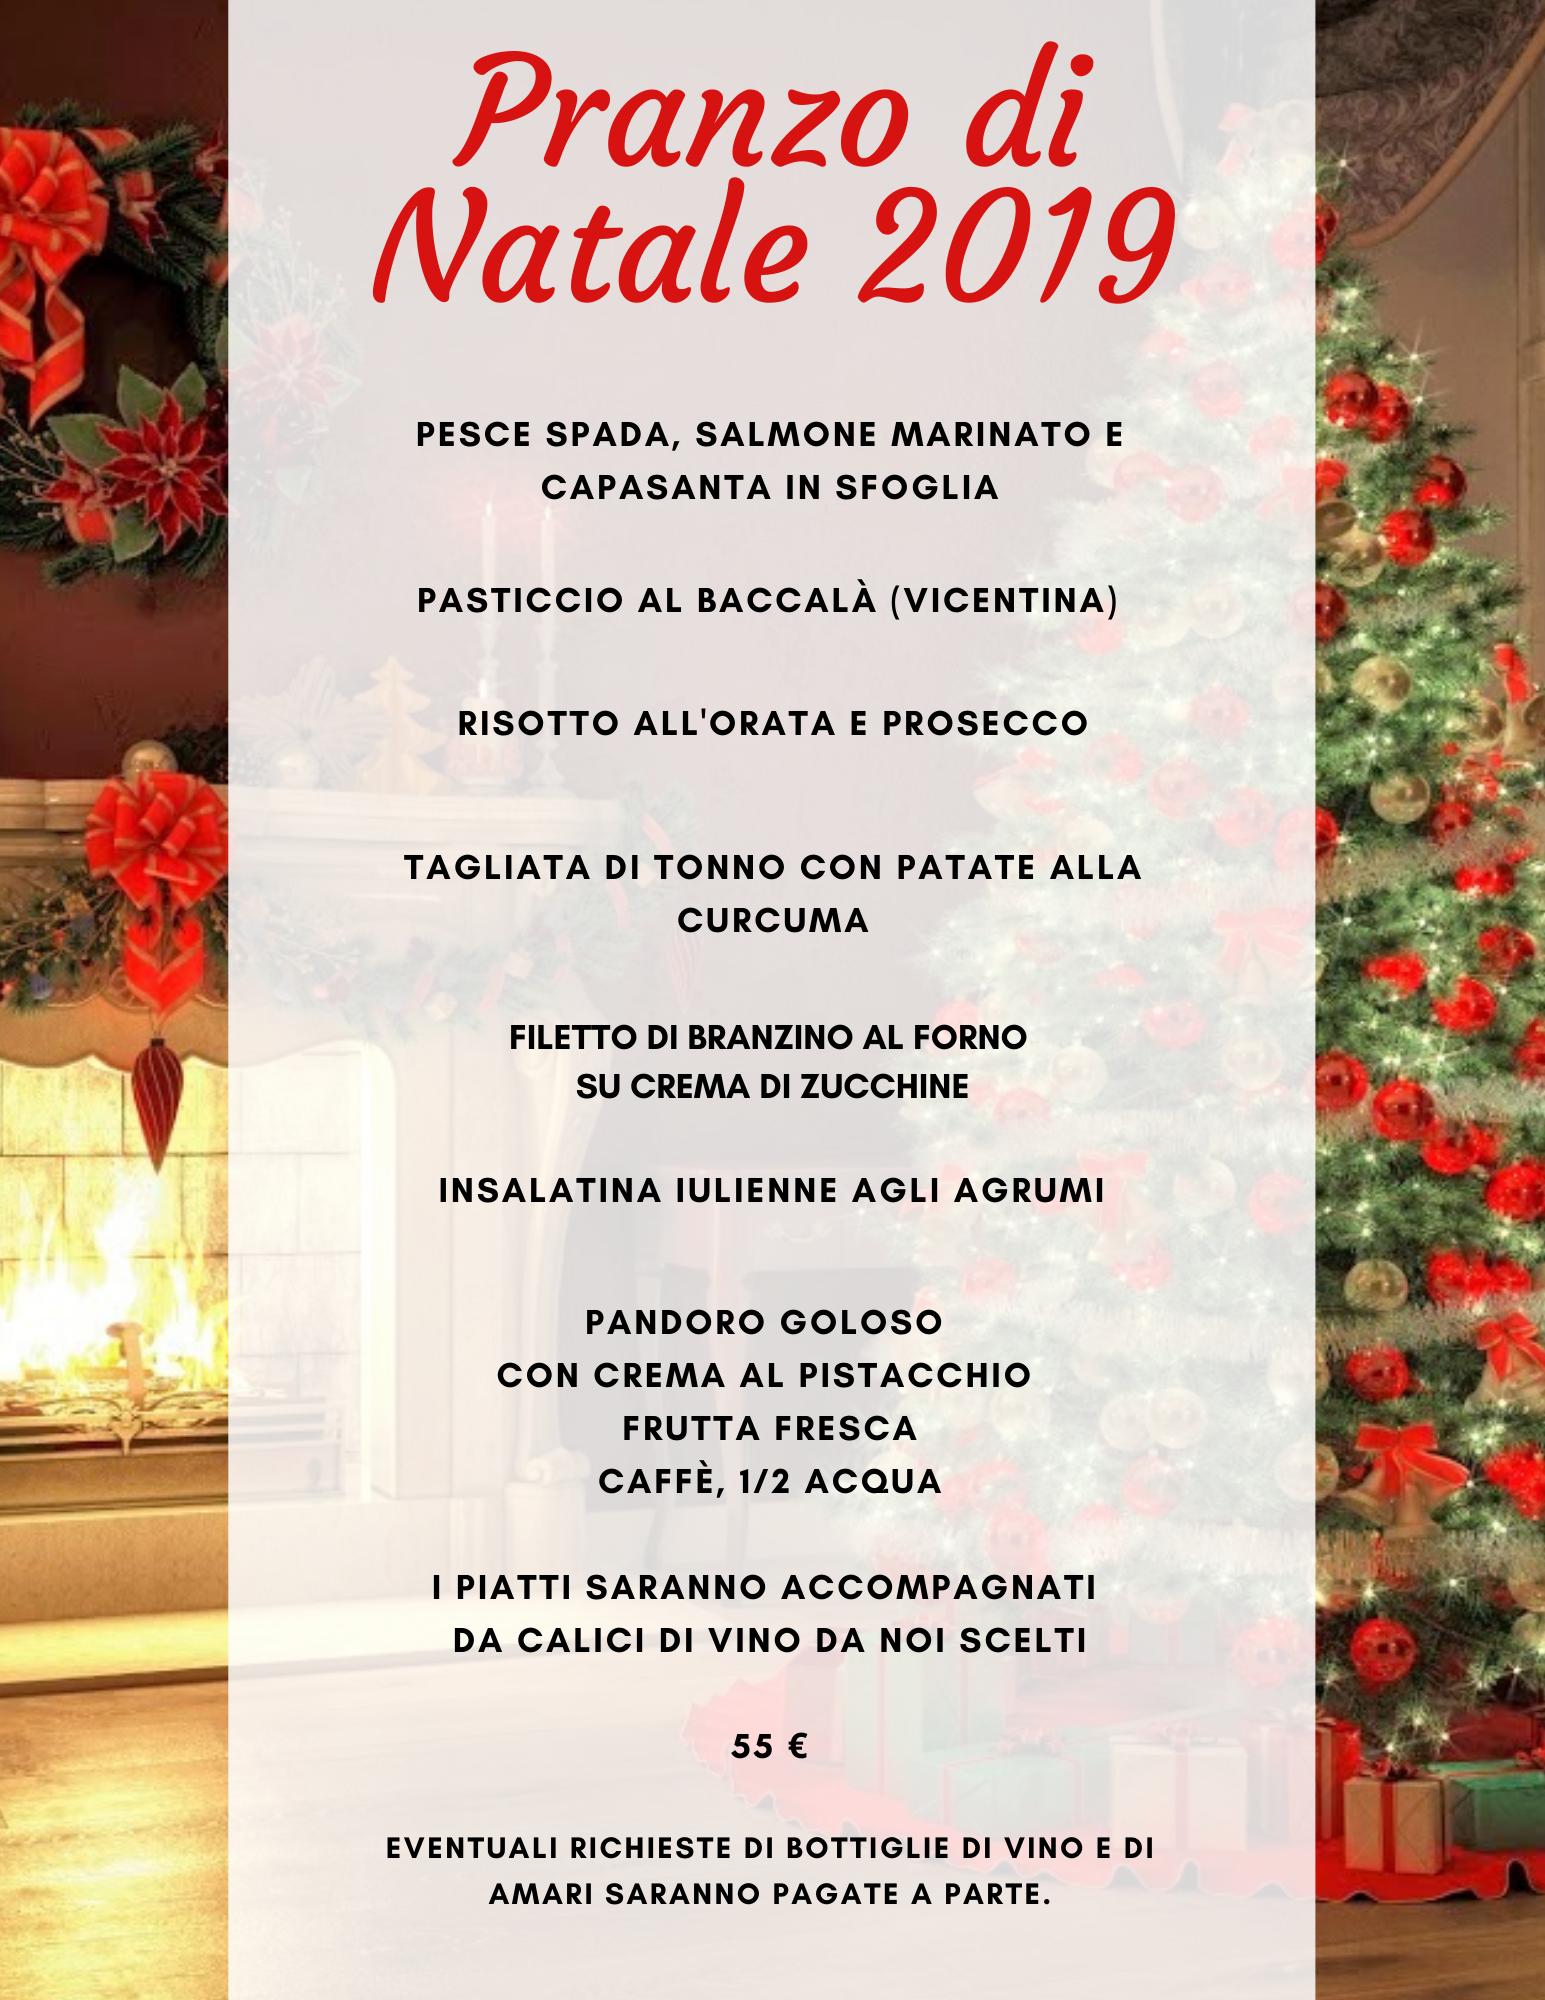 pranzo Natale 2019 menu di pesce